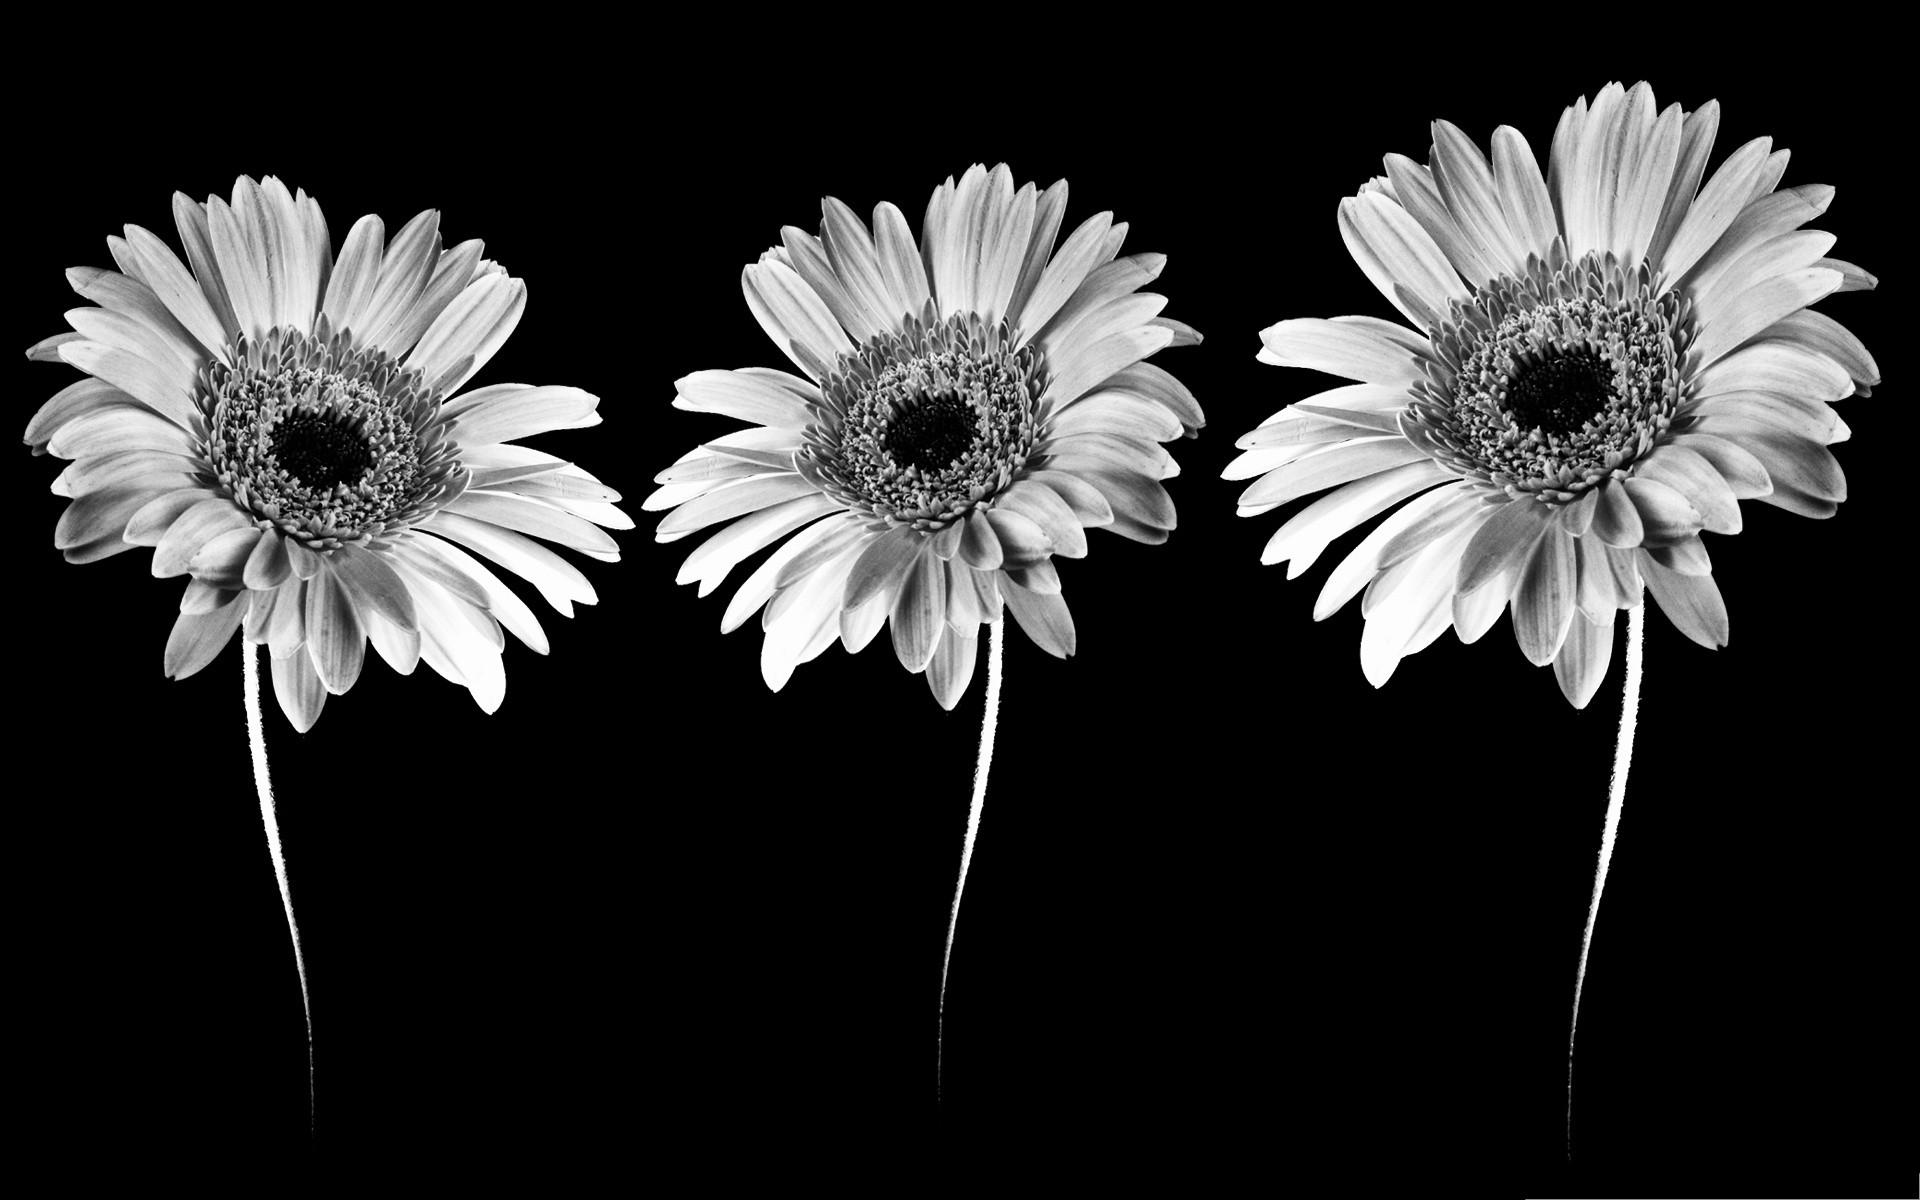 Black white Money flowers images wallpaper.